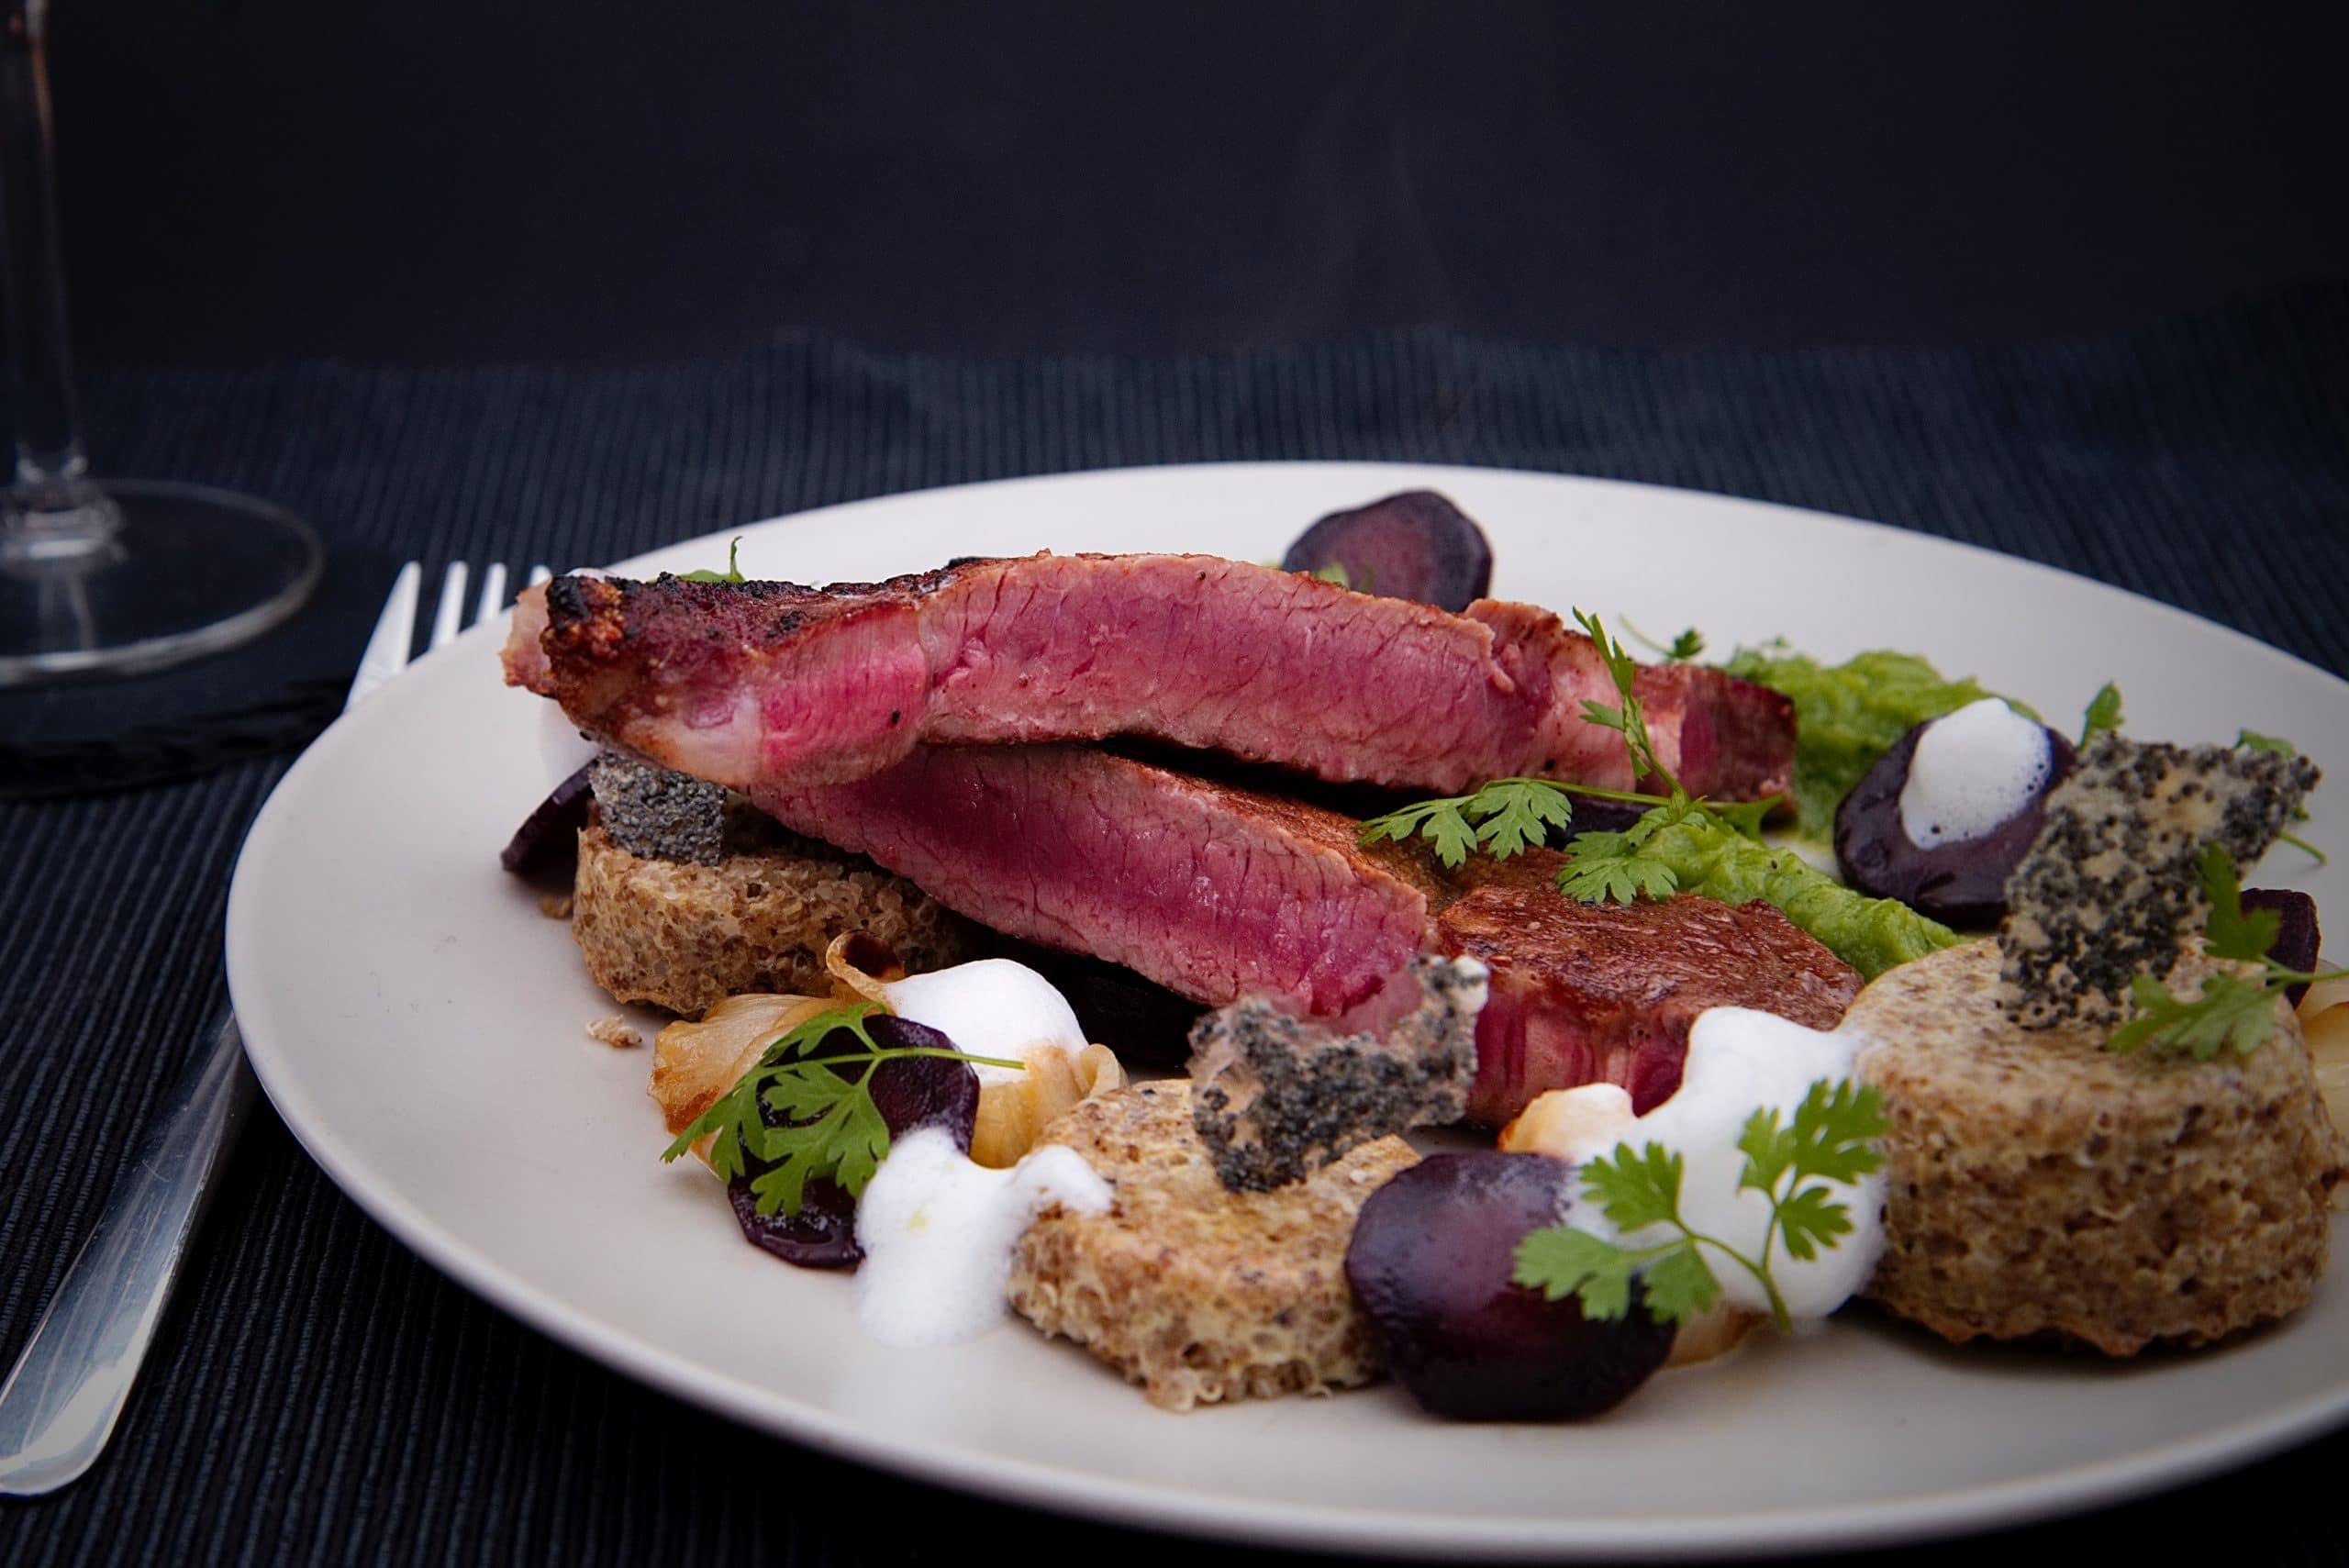 La viande et la diète cétogène